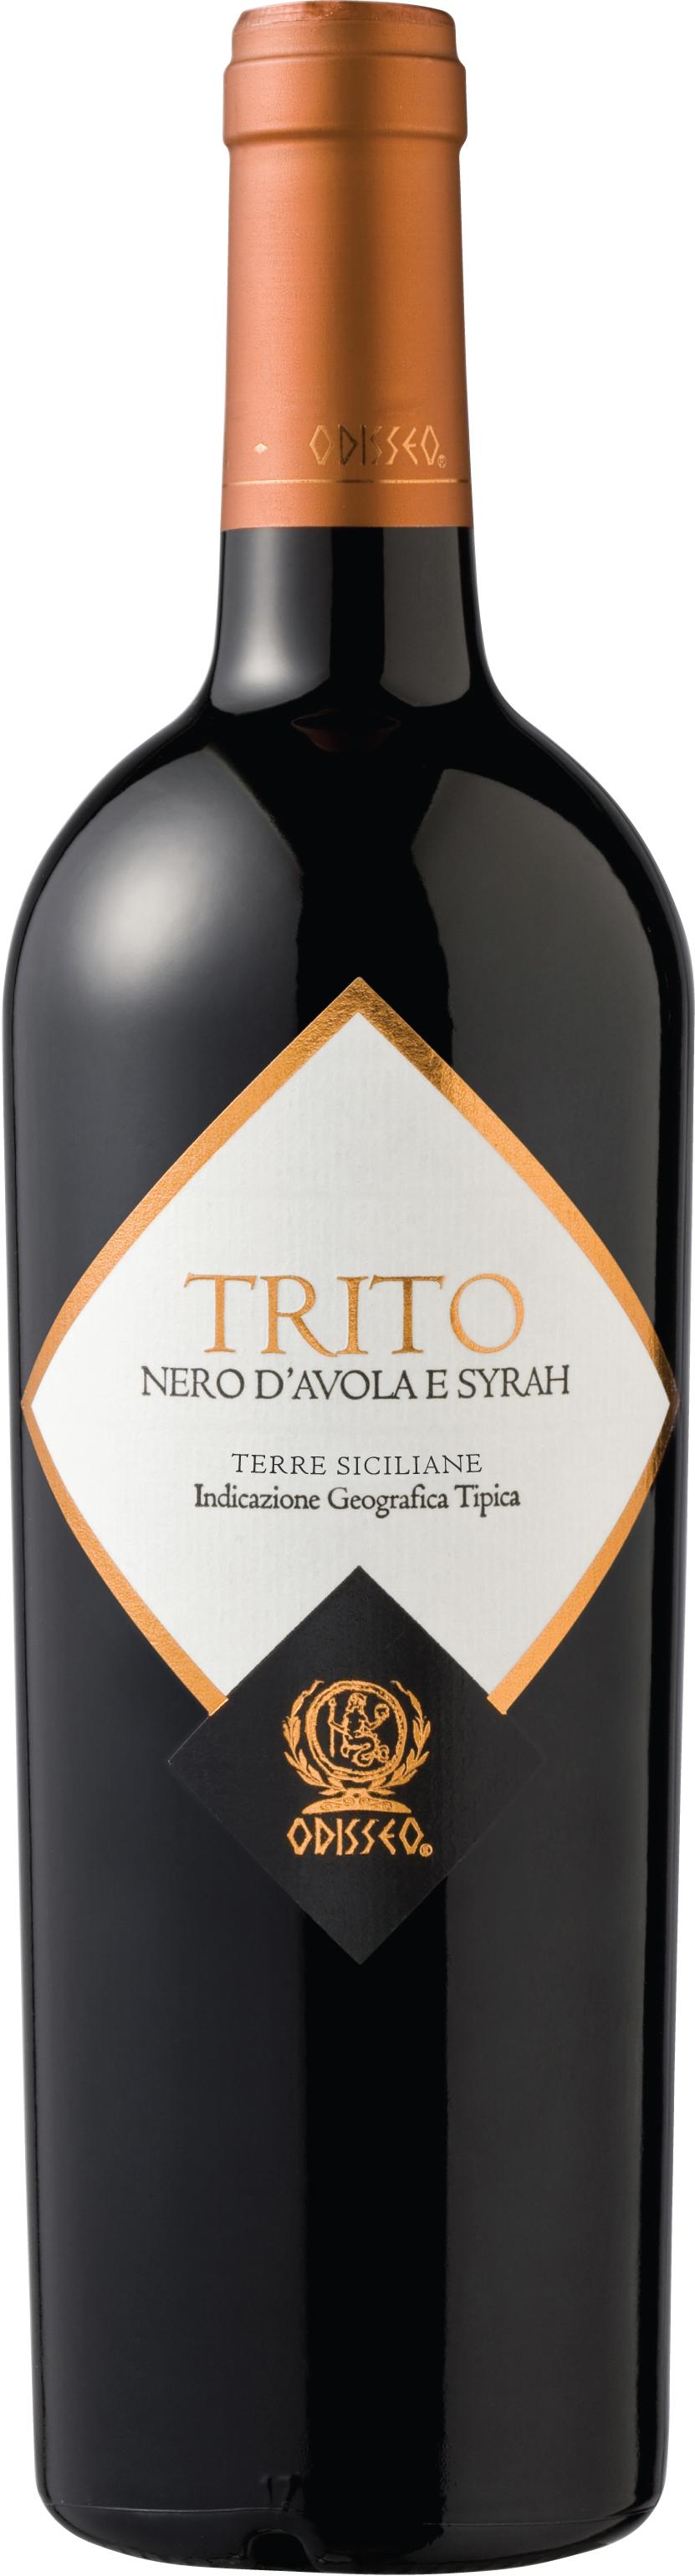 ODISSEO - Trito Sicilia DOC 2015